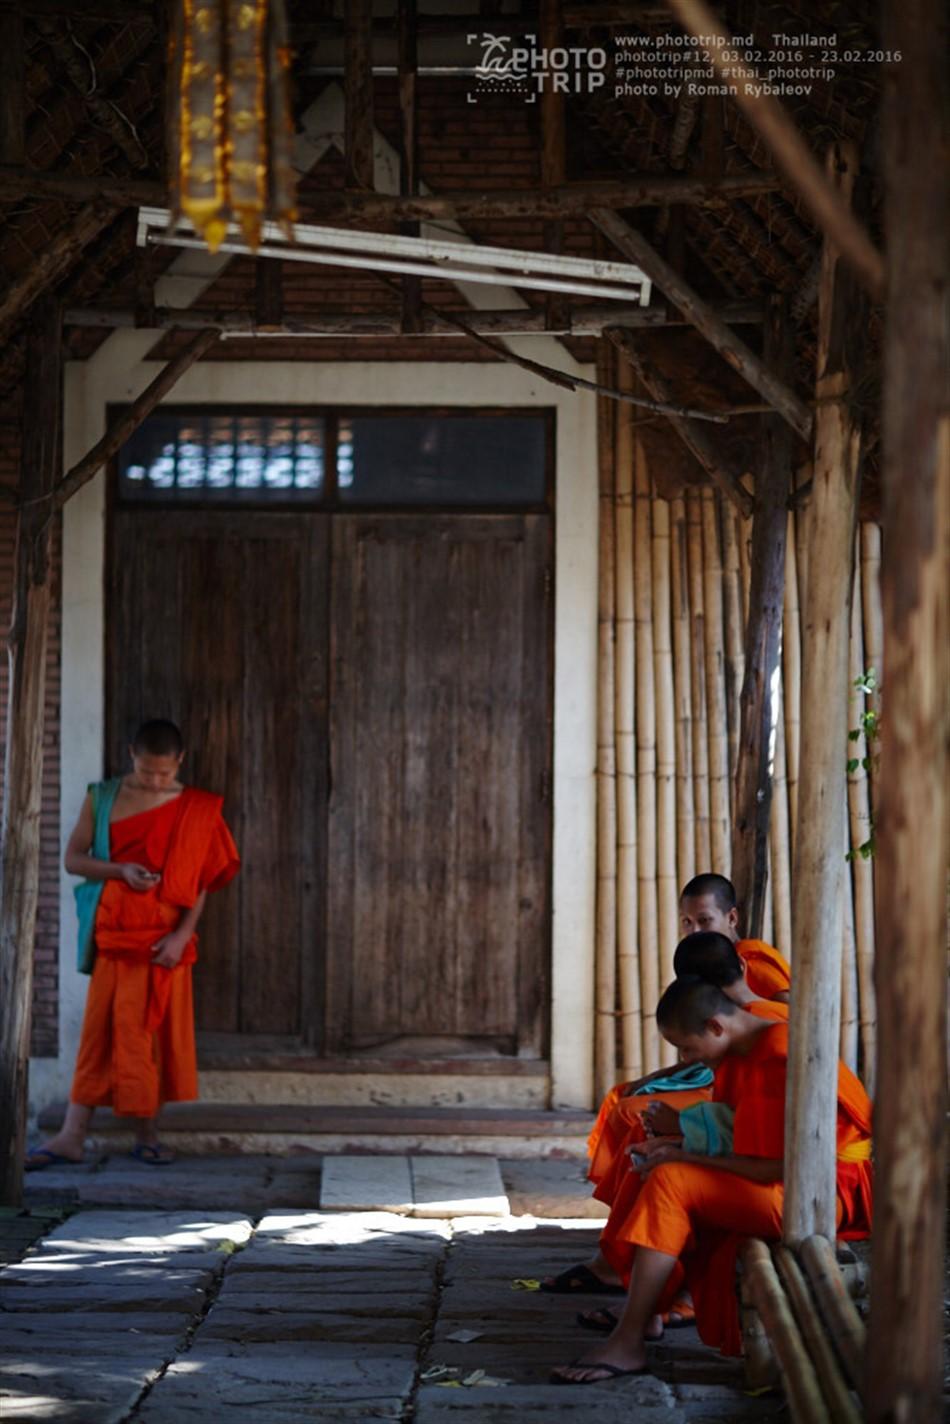 thailand2016_part3_036_950x1424